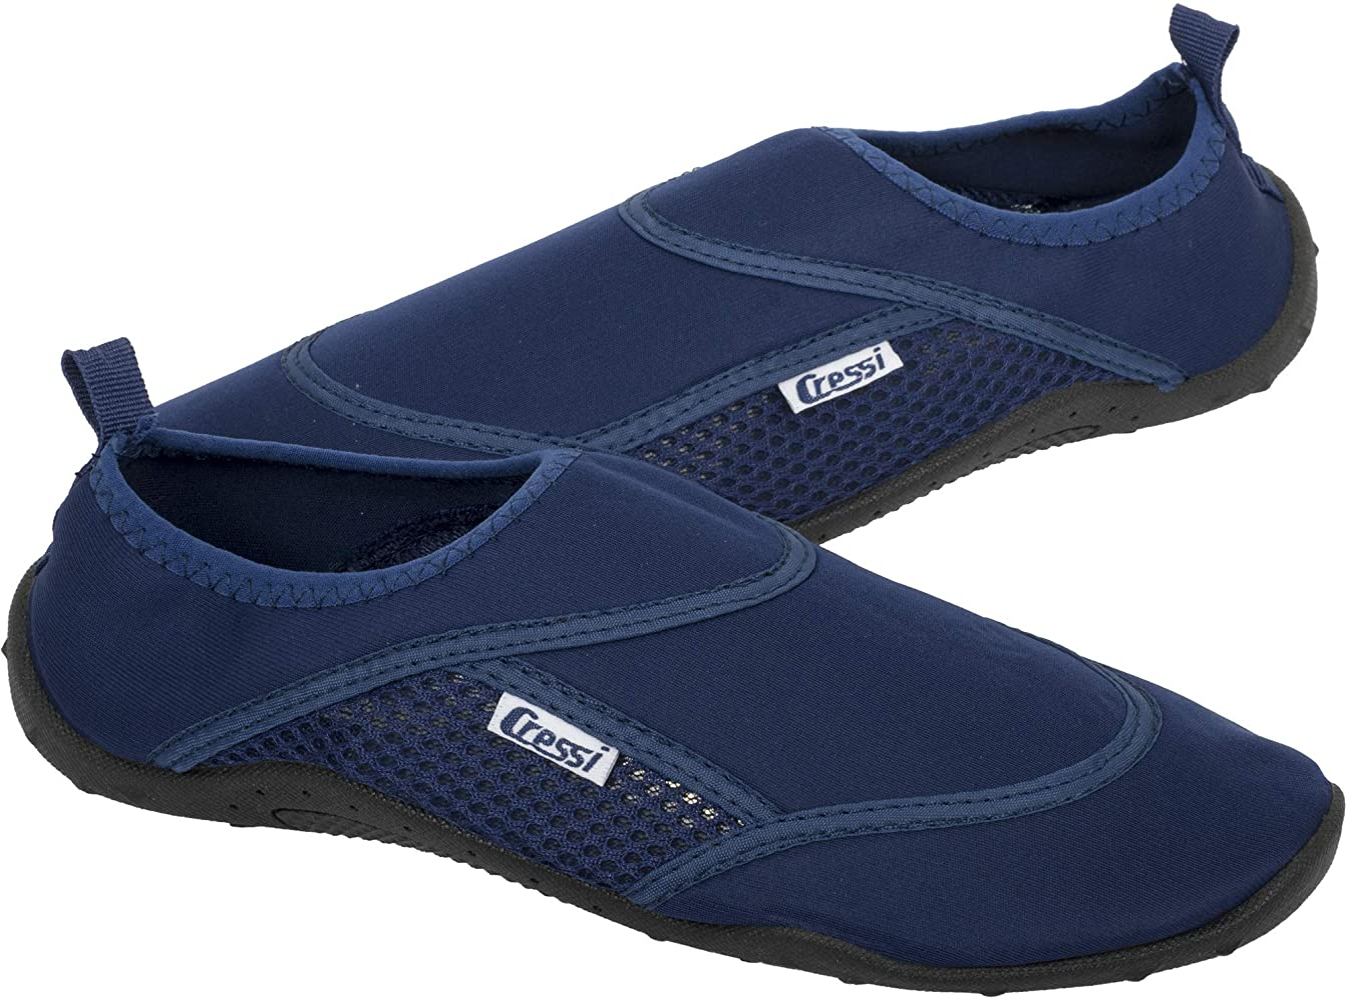 Cressi Coral Shoes Zapatilla para Deportes Acuáticos, Adultos Unisex, Azul Navy, 46: Amazon.es: Deportes y aire libre